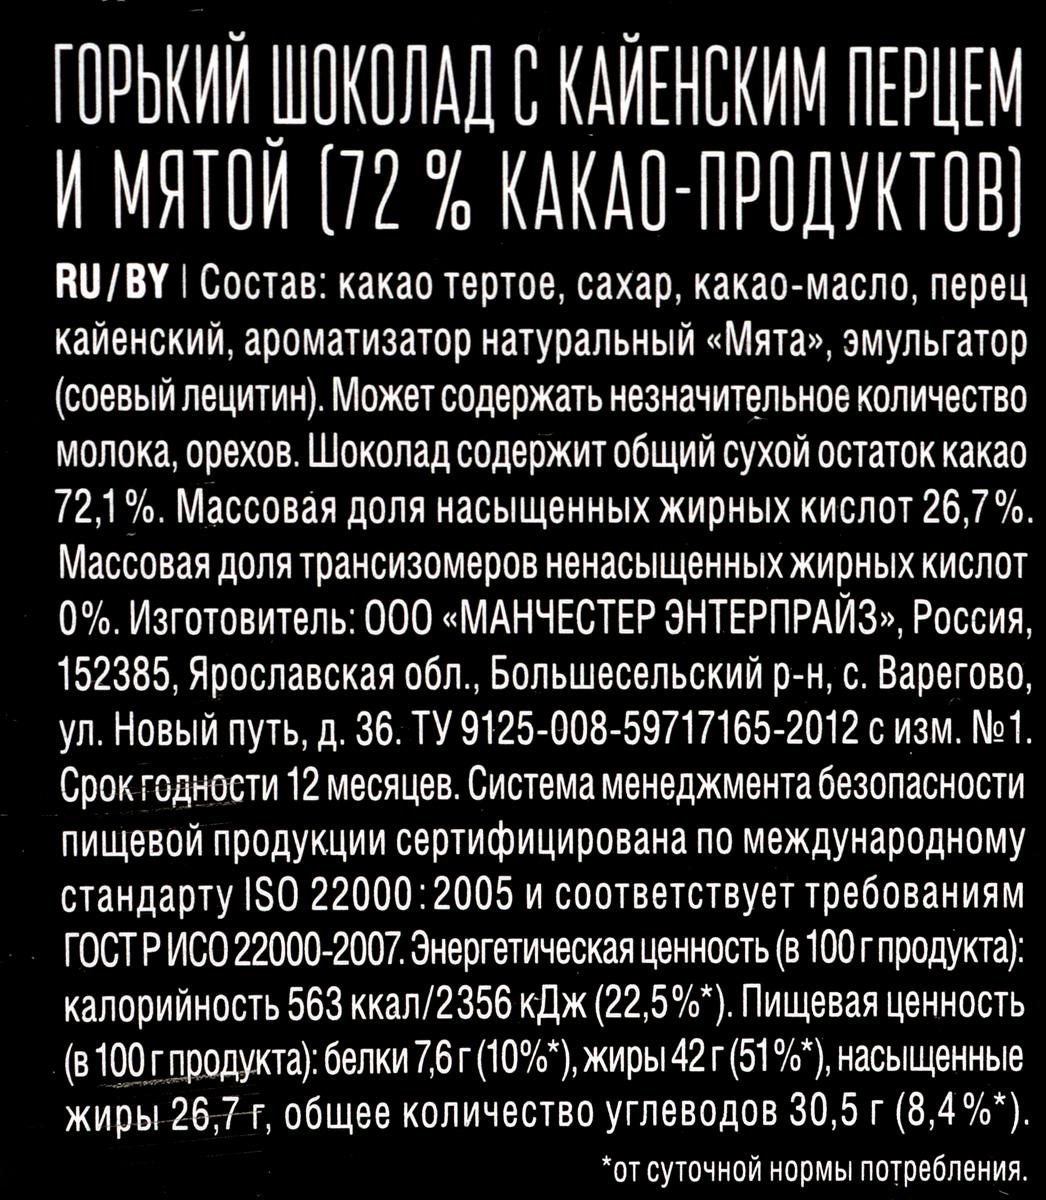 Sobranie горький шоколад с кайенским перцем и мятой, 45 г